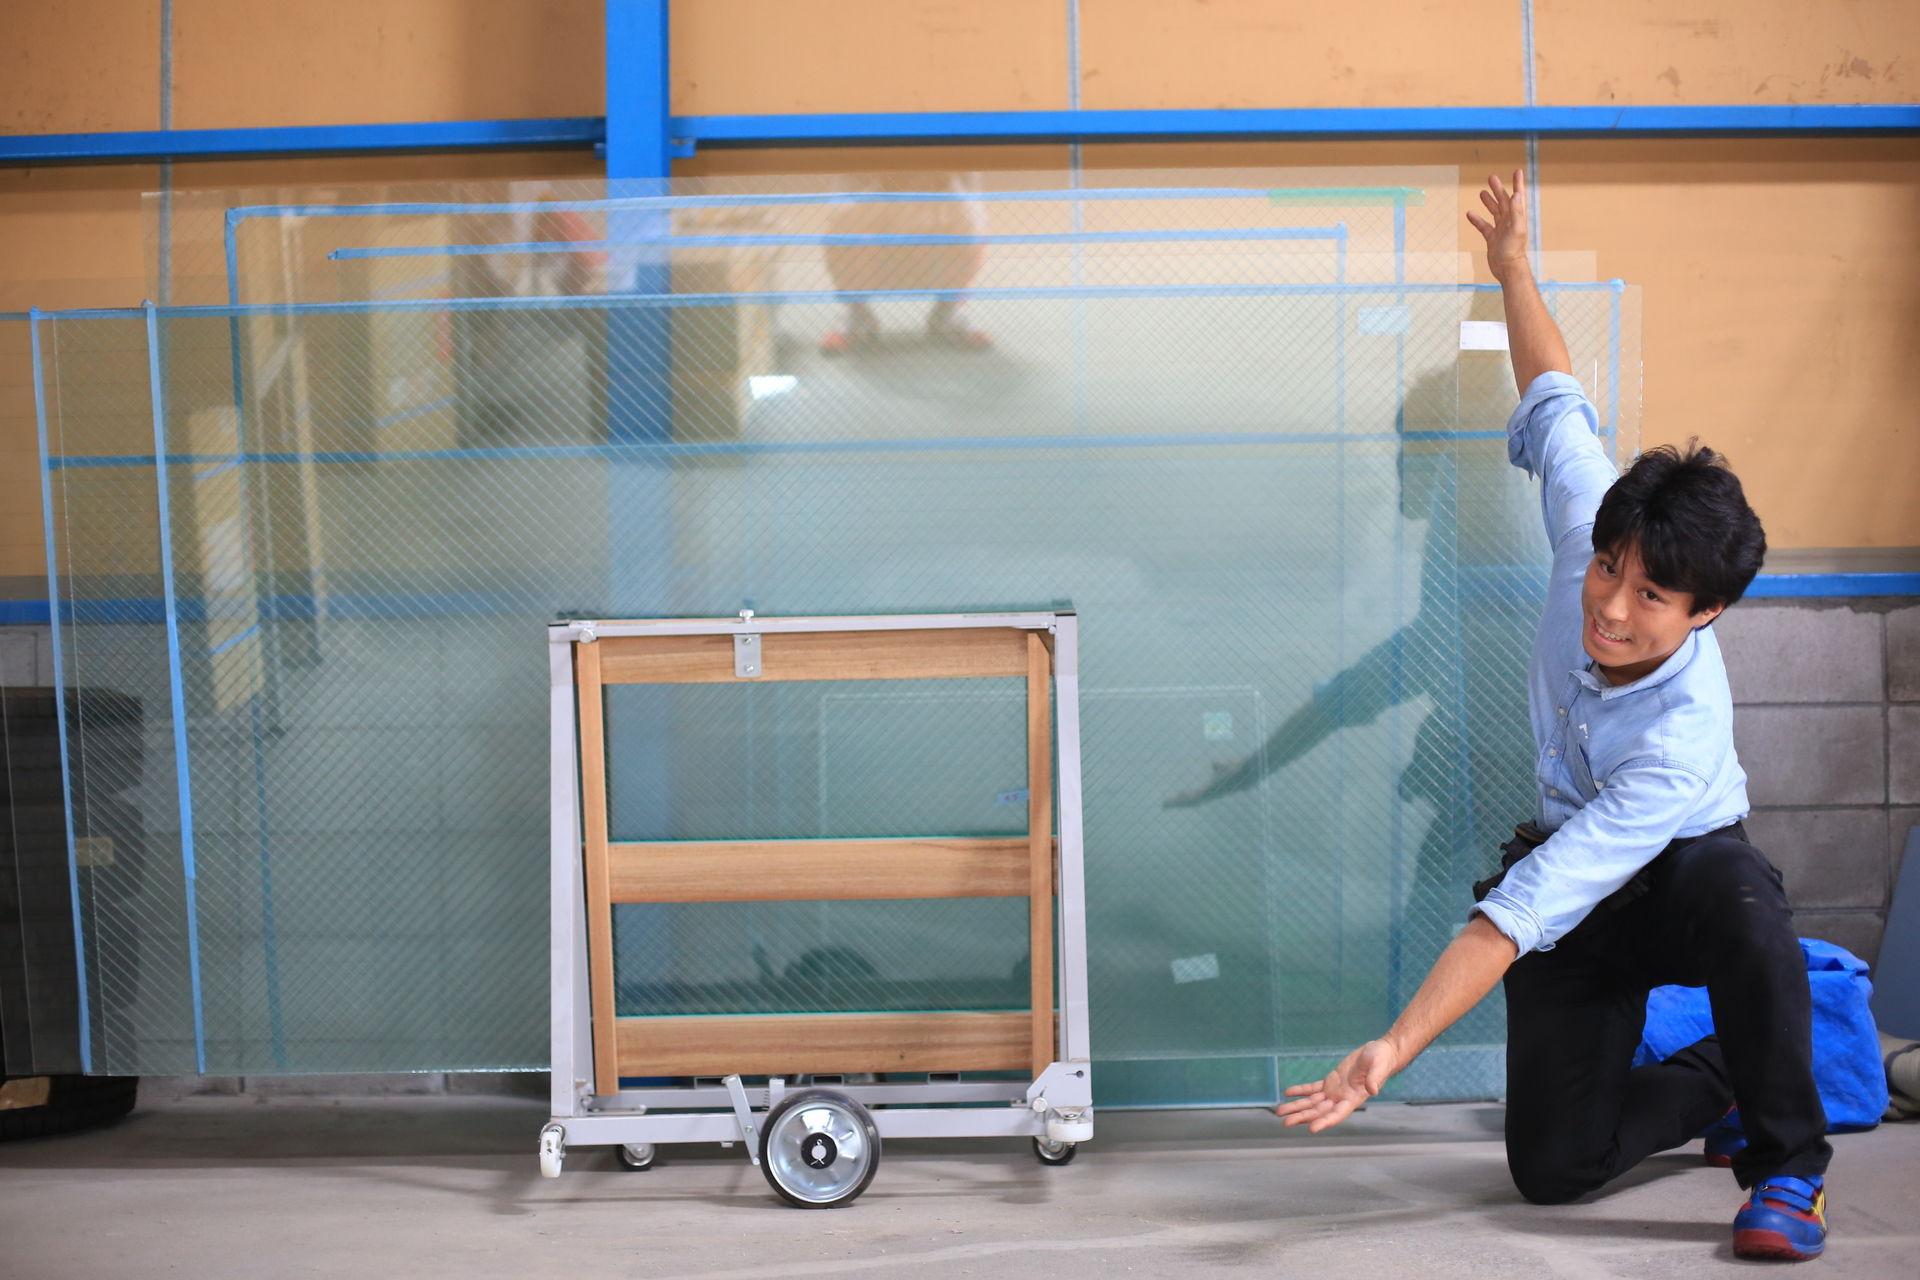 ガラスのトラブル救Q隊.24【加古郡播磨町 出張エリア】の店内・外観画像1